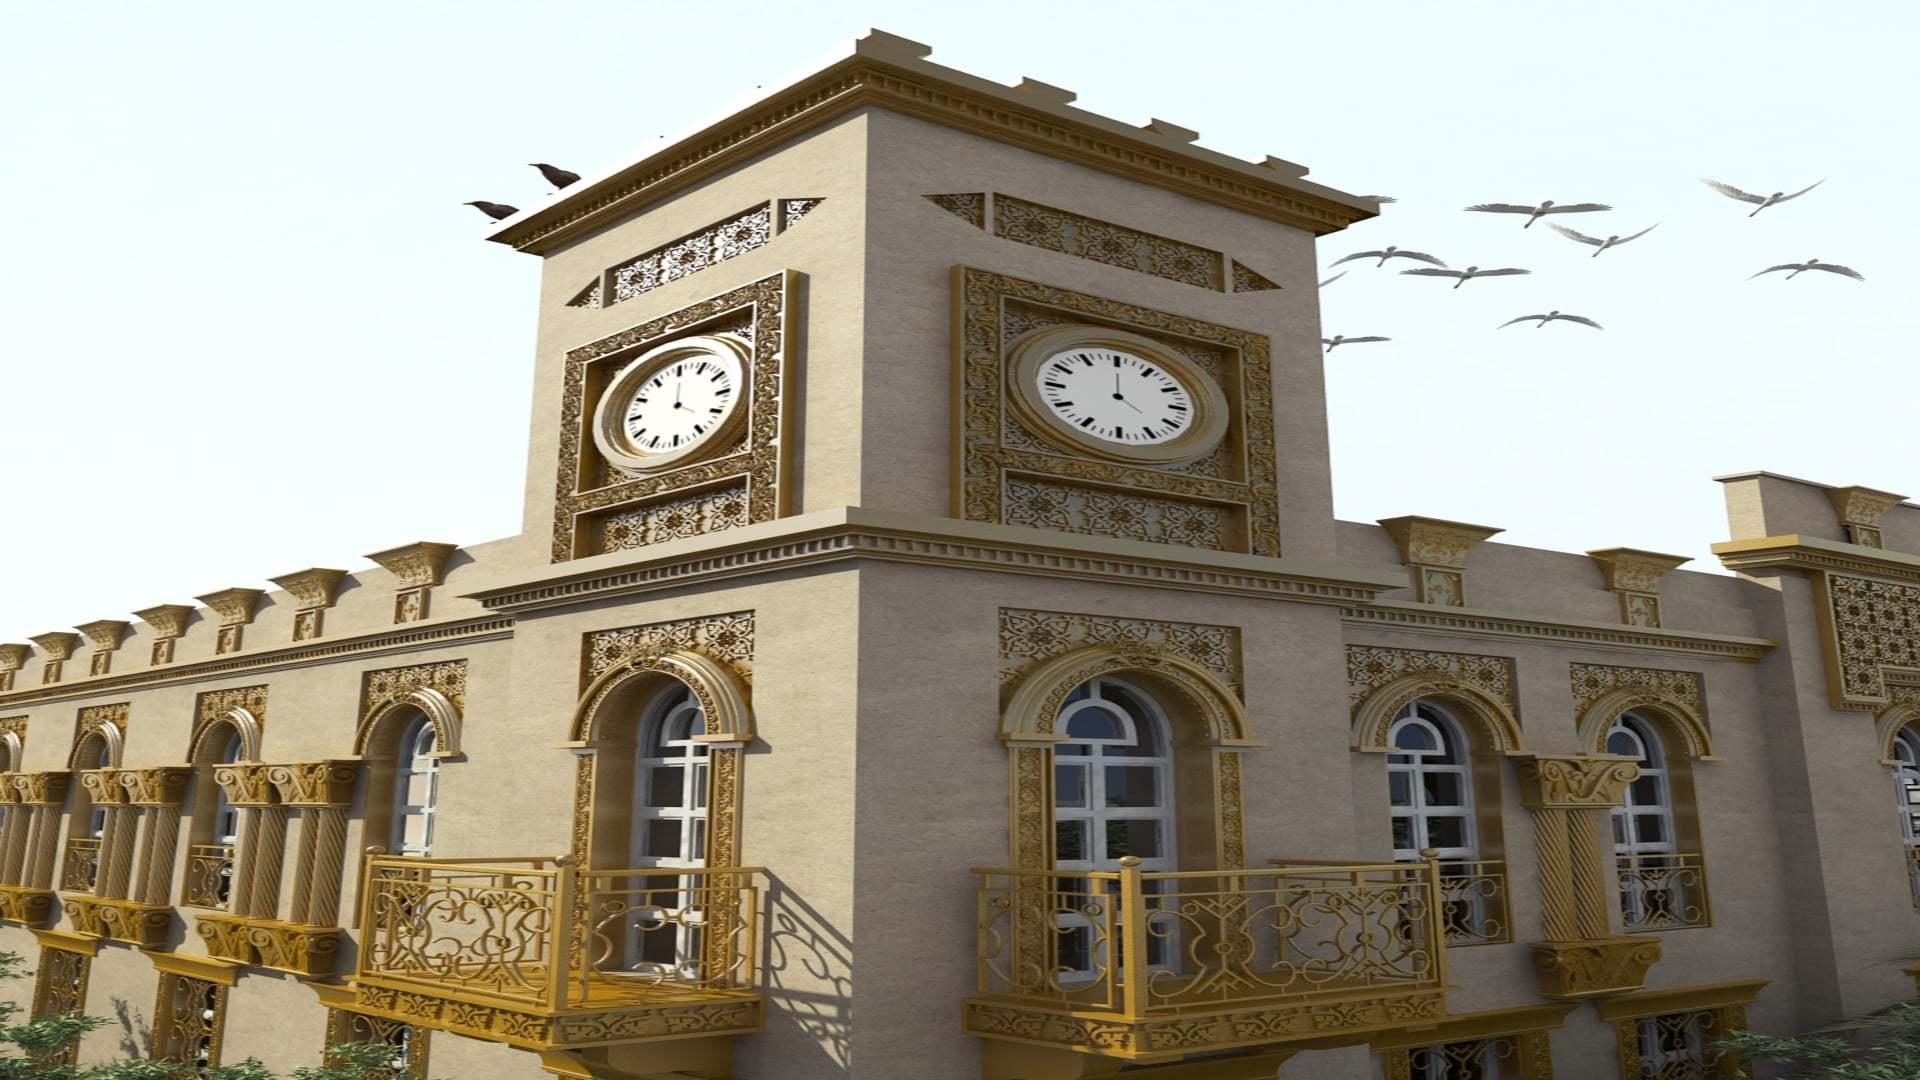 Libya'daki Malikane'nin Sol Yan Cephesi